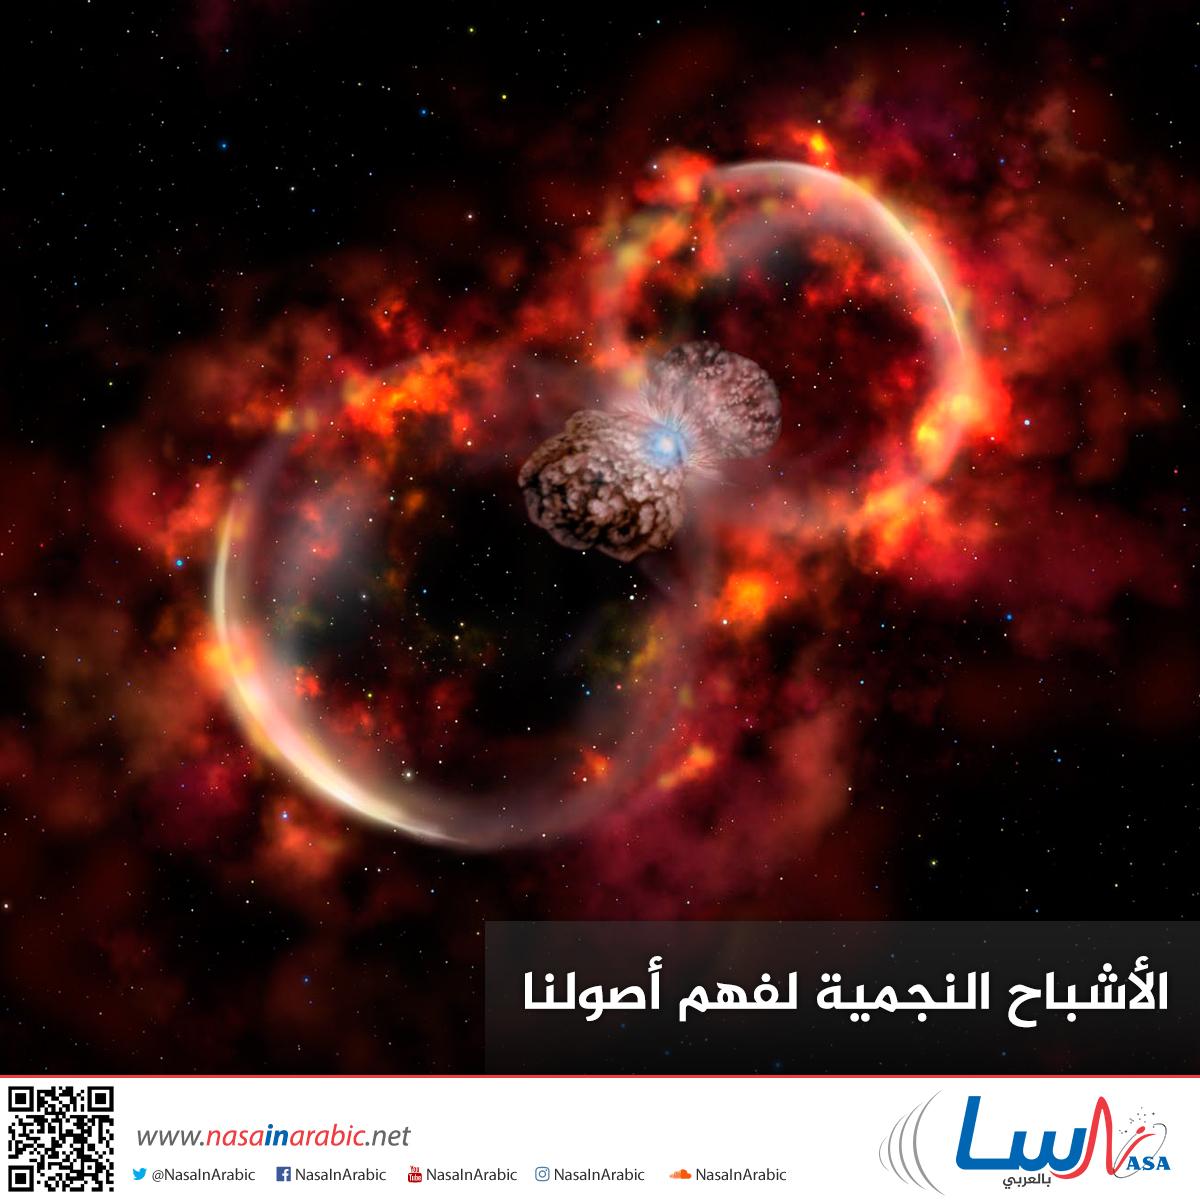 الأشباح النجمية لفهم أصولنا